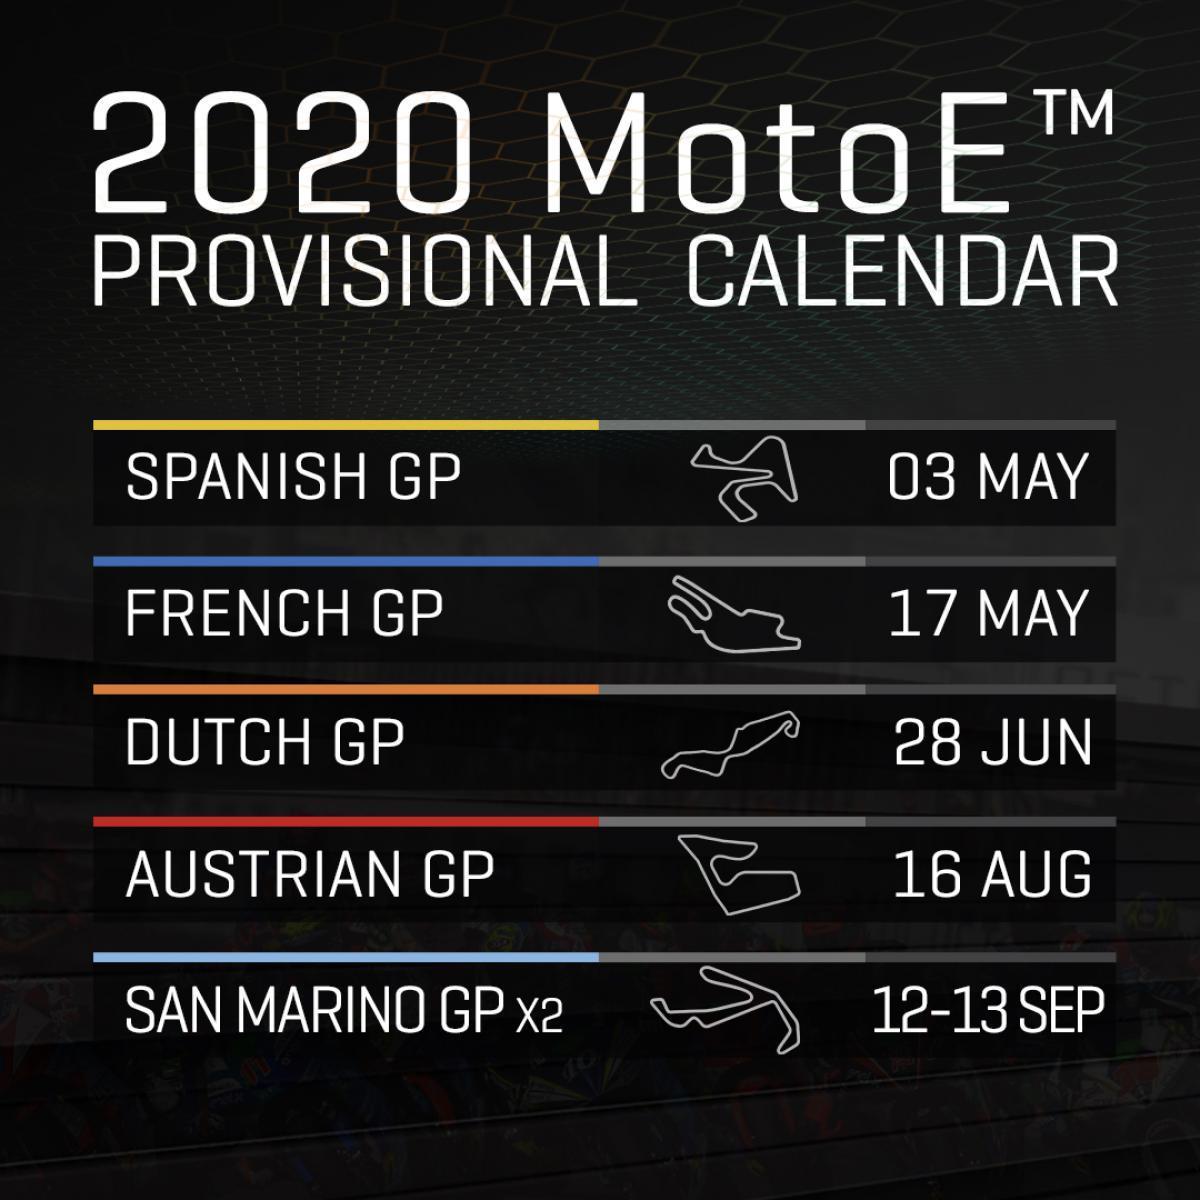 Motogp 2019 Oficial Anunciado El Calendario Provisional De Motoe Para 2020 Marca Com